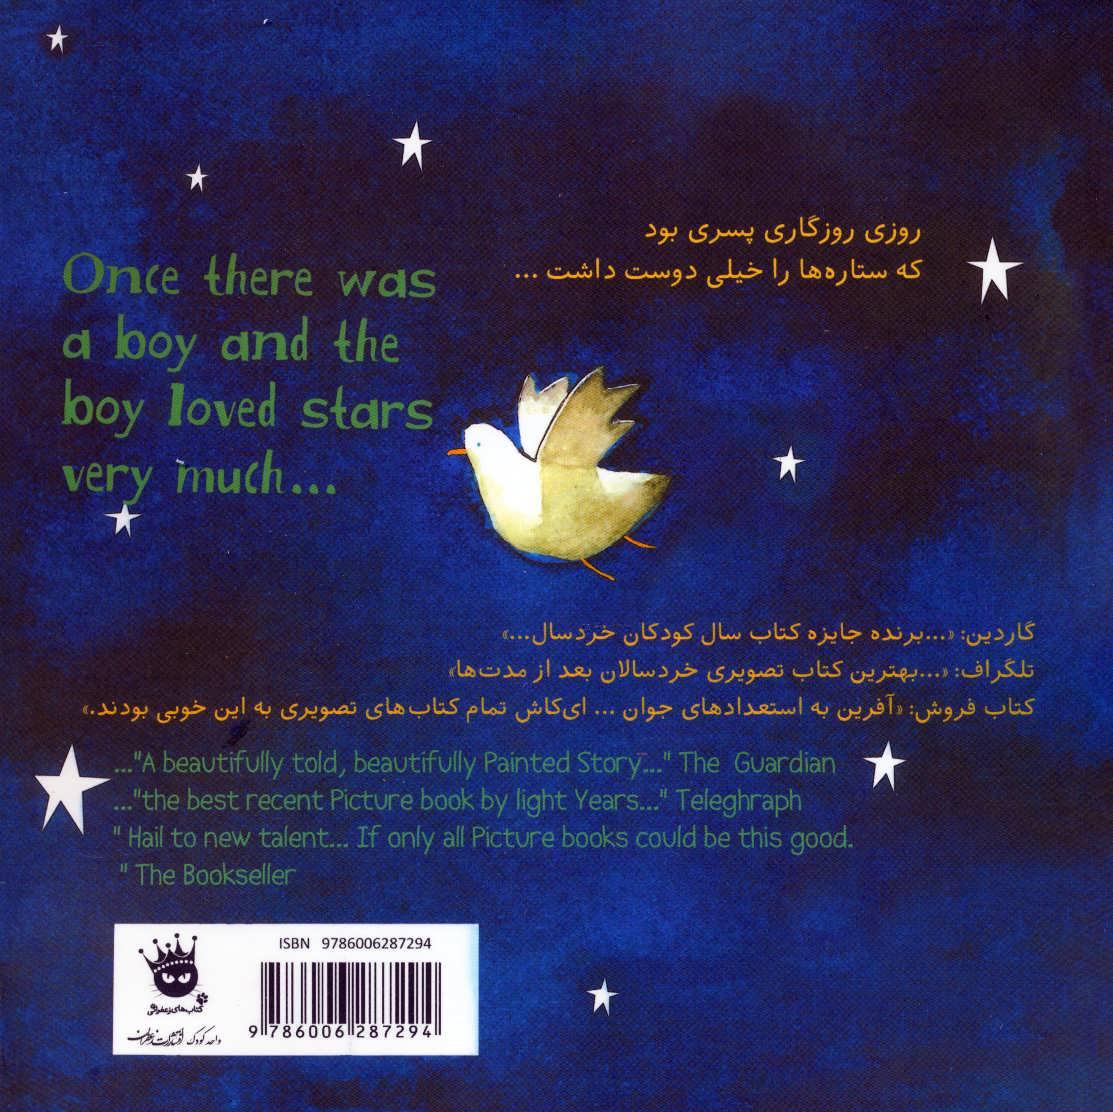 چطوری ستاره بگیریم؟ (دنیای شیرین پسرک 1)،(2زبانه،گلاسه)